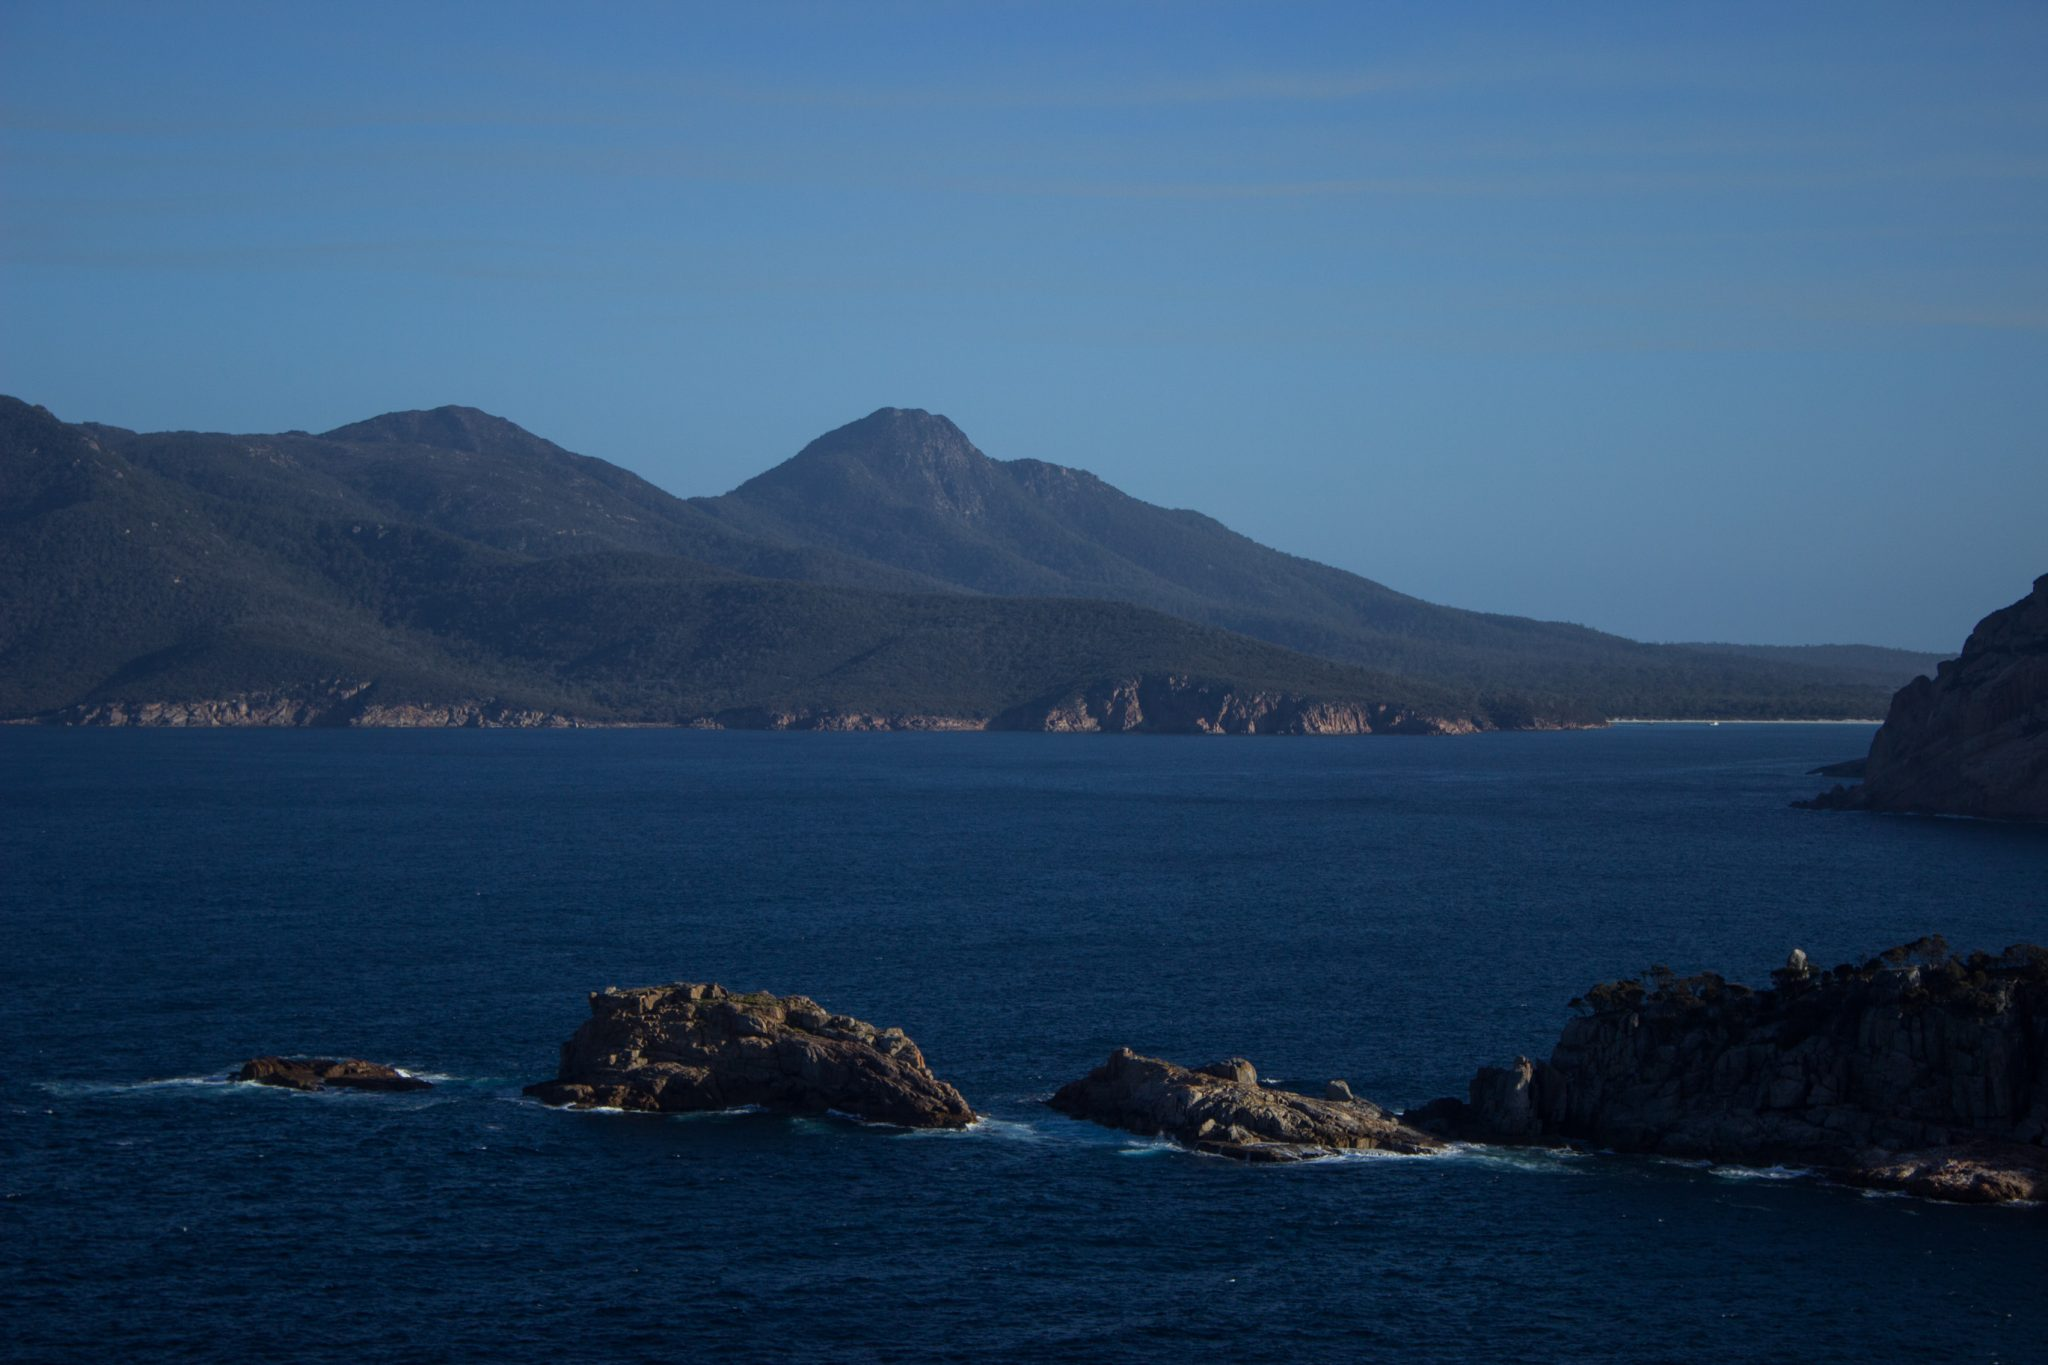 im traumhaften Freycinet Nationalpark in Tasmanien, saftig grüner Wald, Berge in der Ferne, wunderschönes Meer Ozean, Wellen